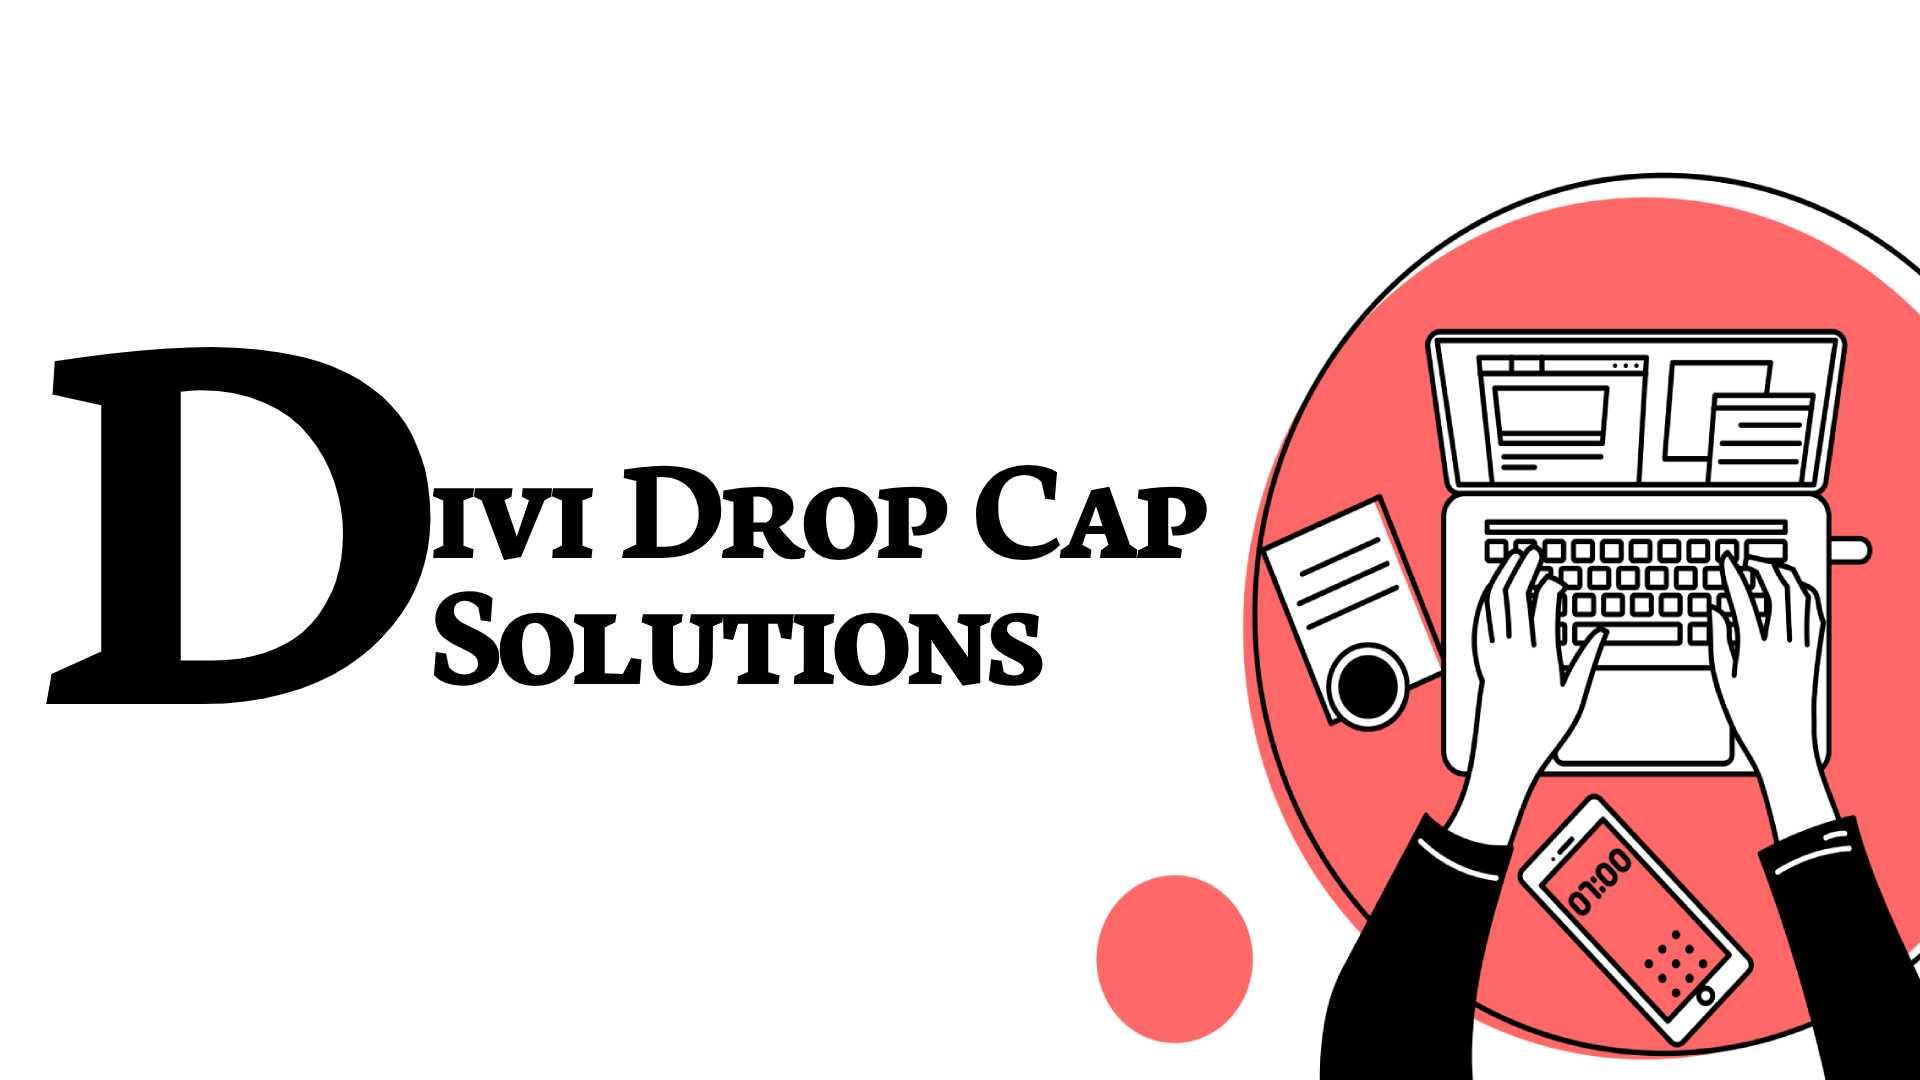 Divi drop cap solutions